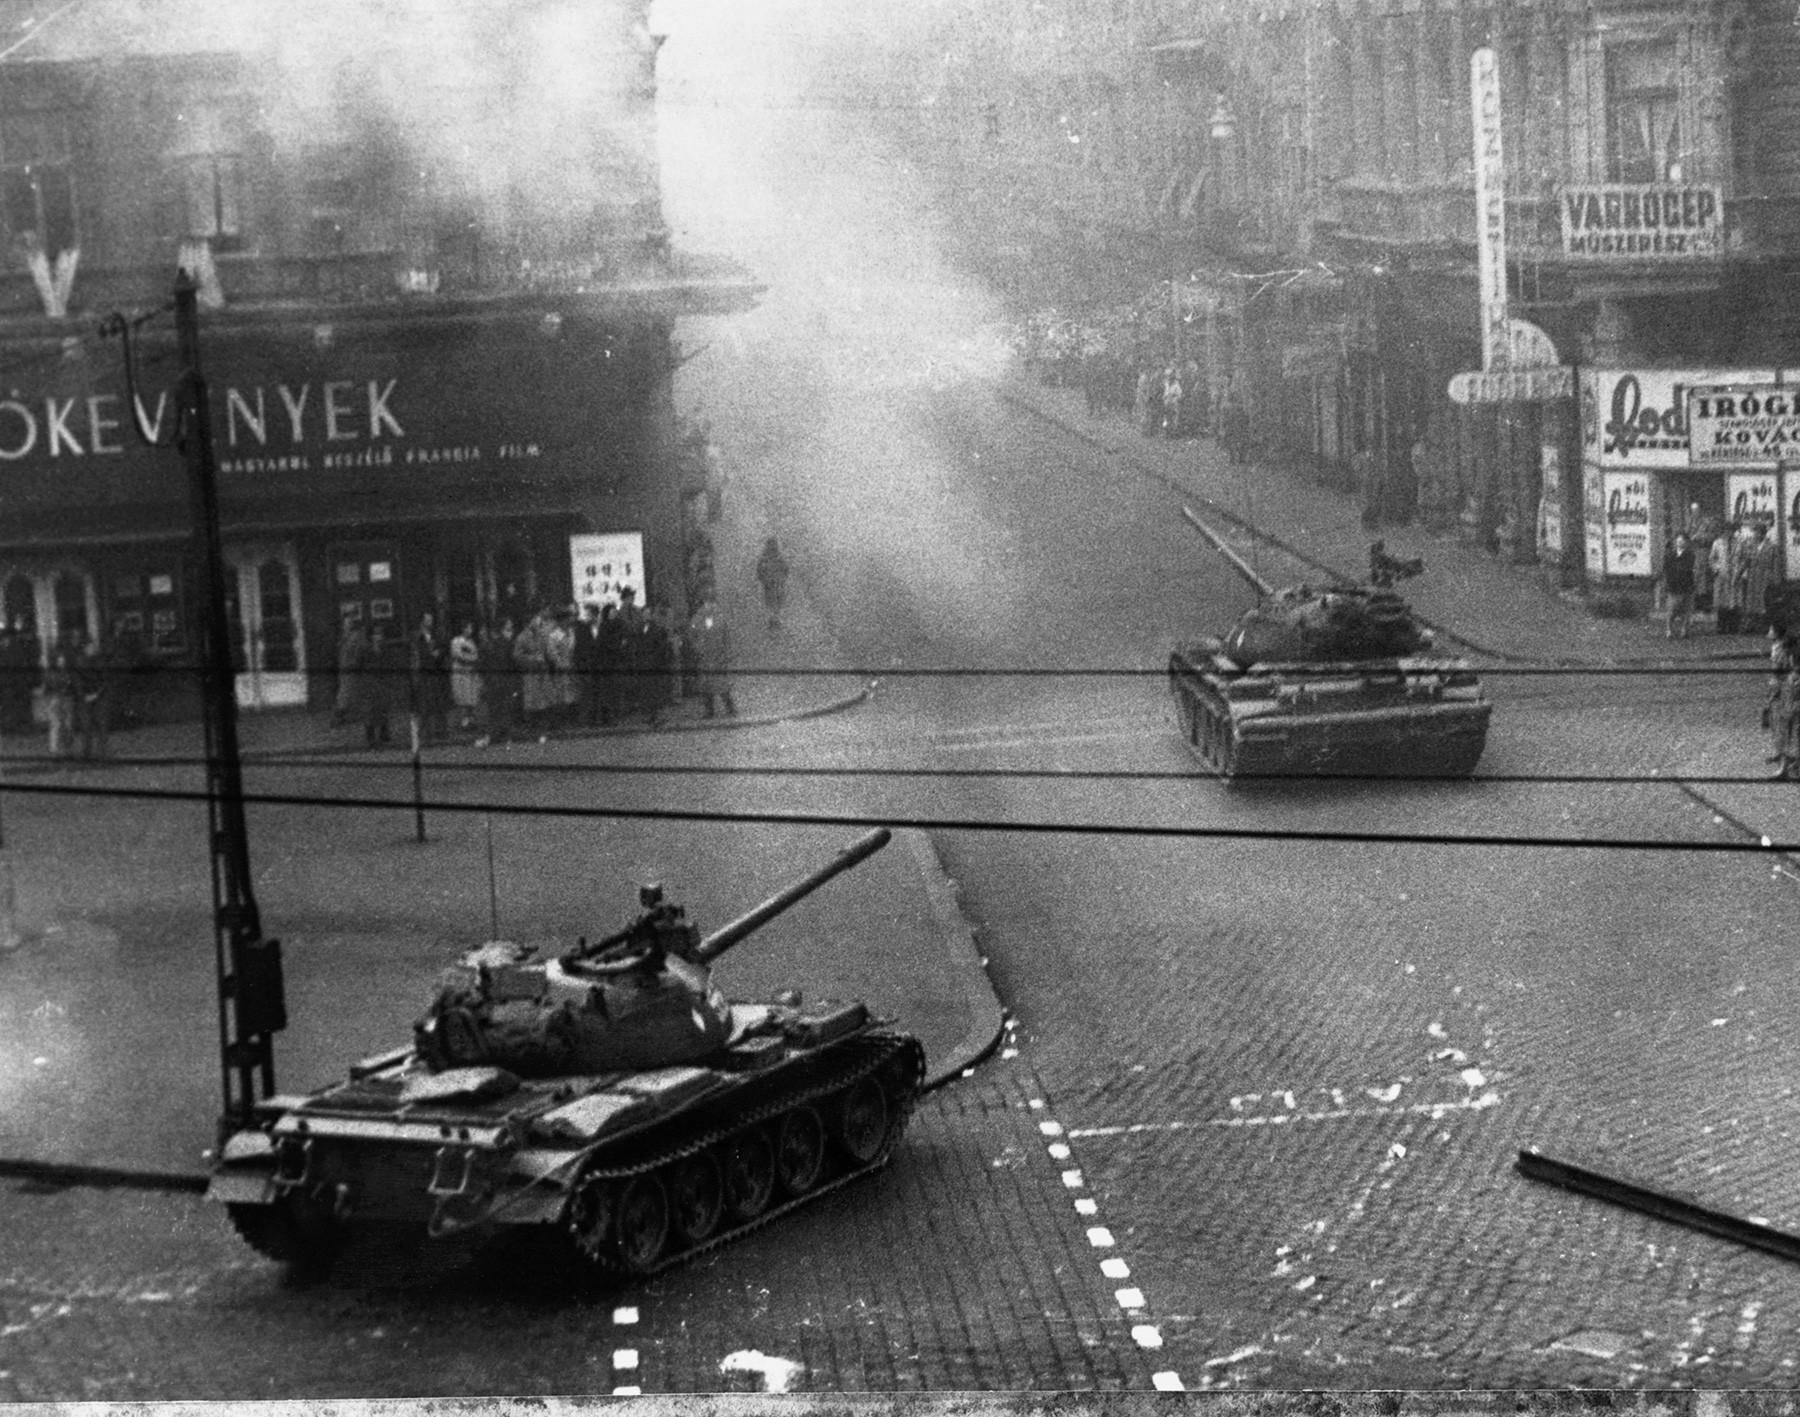 Sovjetski tenkovi u Budimpešti, 1956.